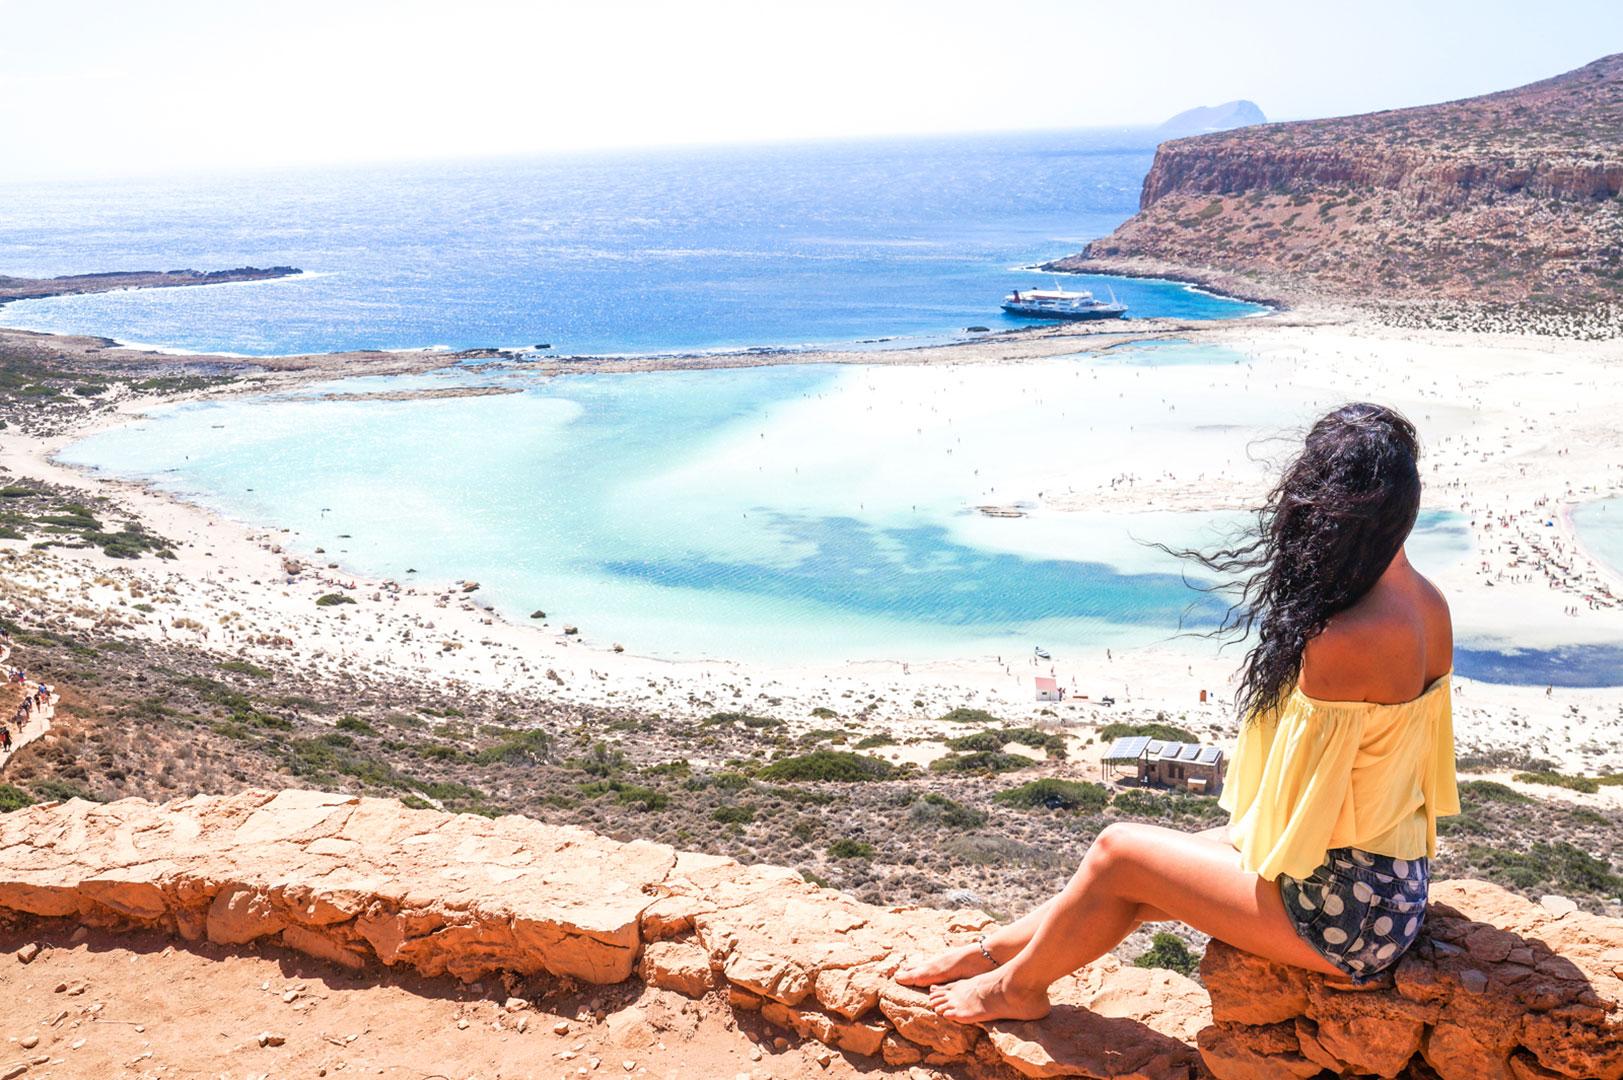 balos-crete-greece-la-vie-en-blog-all-rights-reserved-24